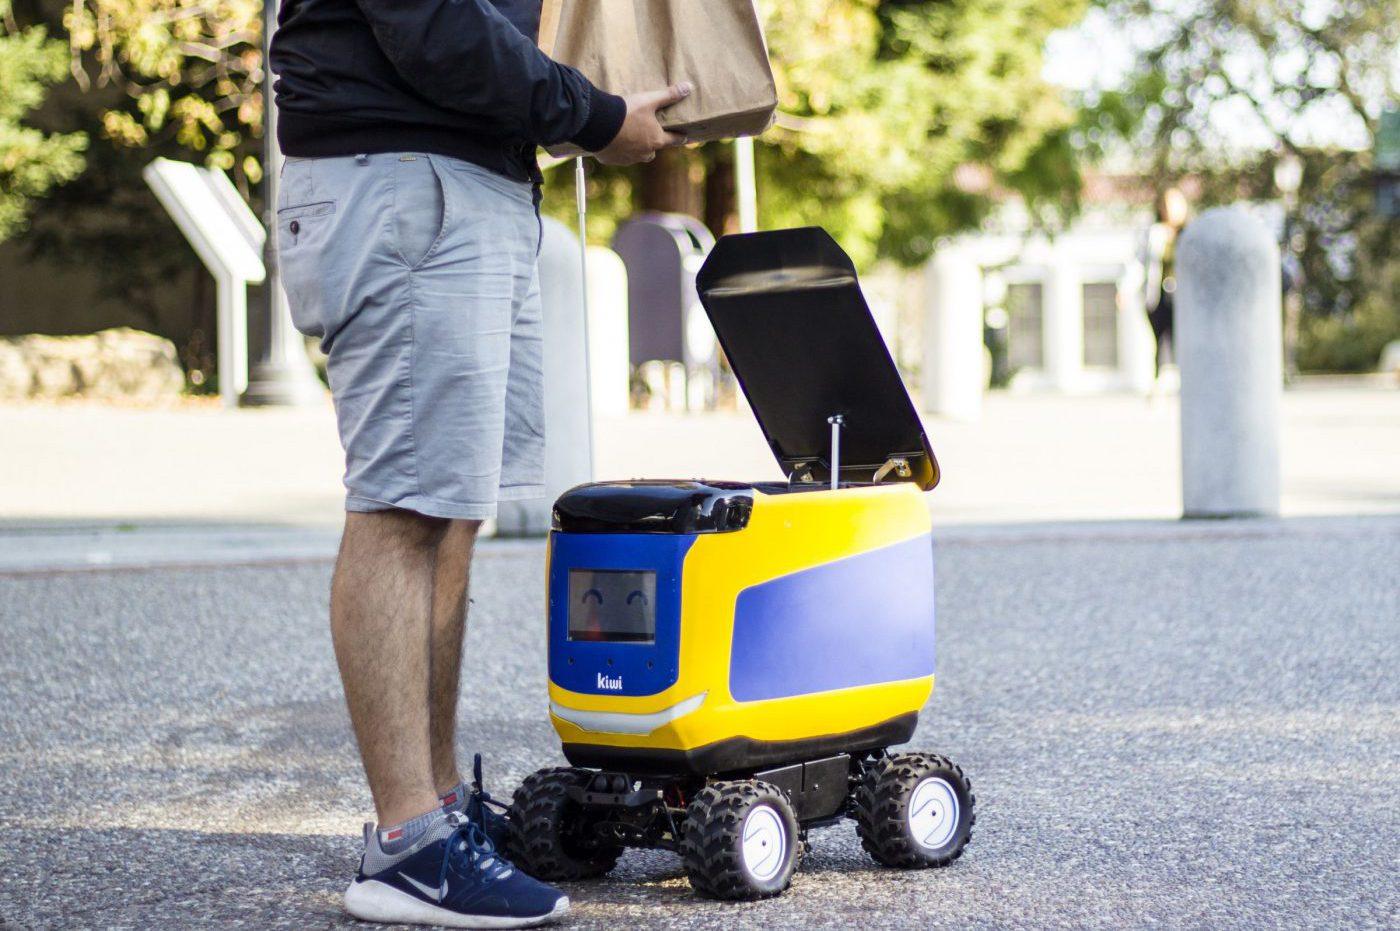 Un robot de livraison de Kiwi prend feu